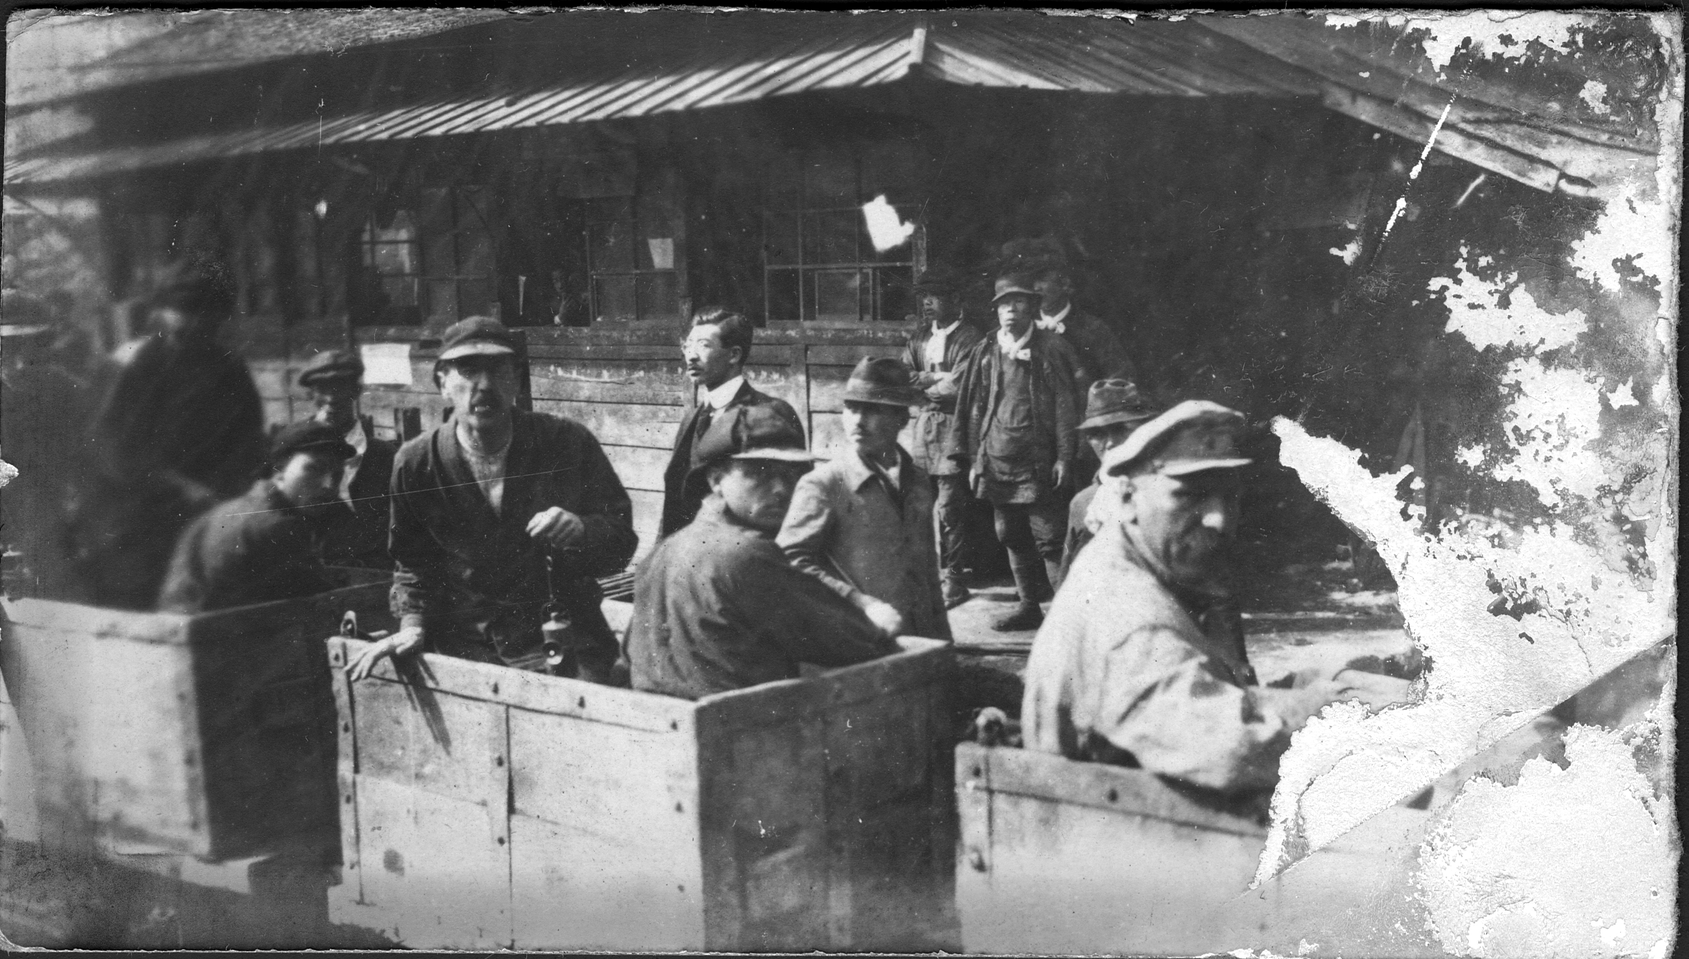 Павлов М. А. перед спуском в шахту (стоит в вагонетке с фонарем в руке)